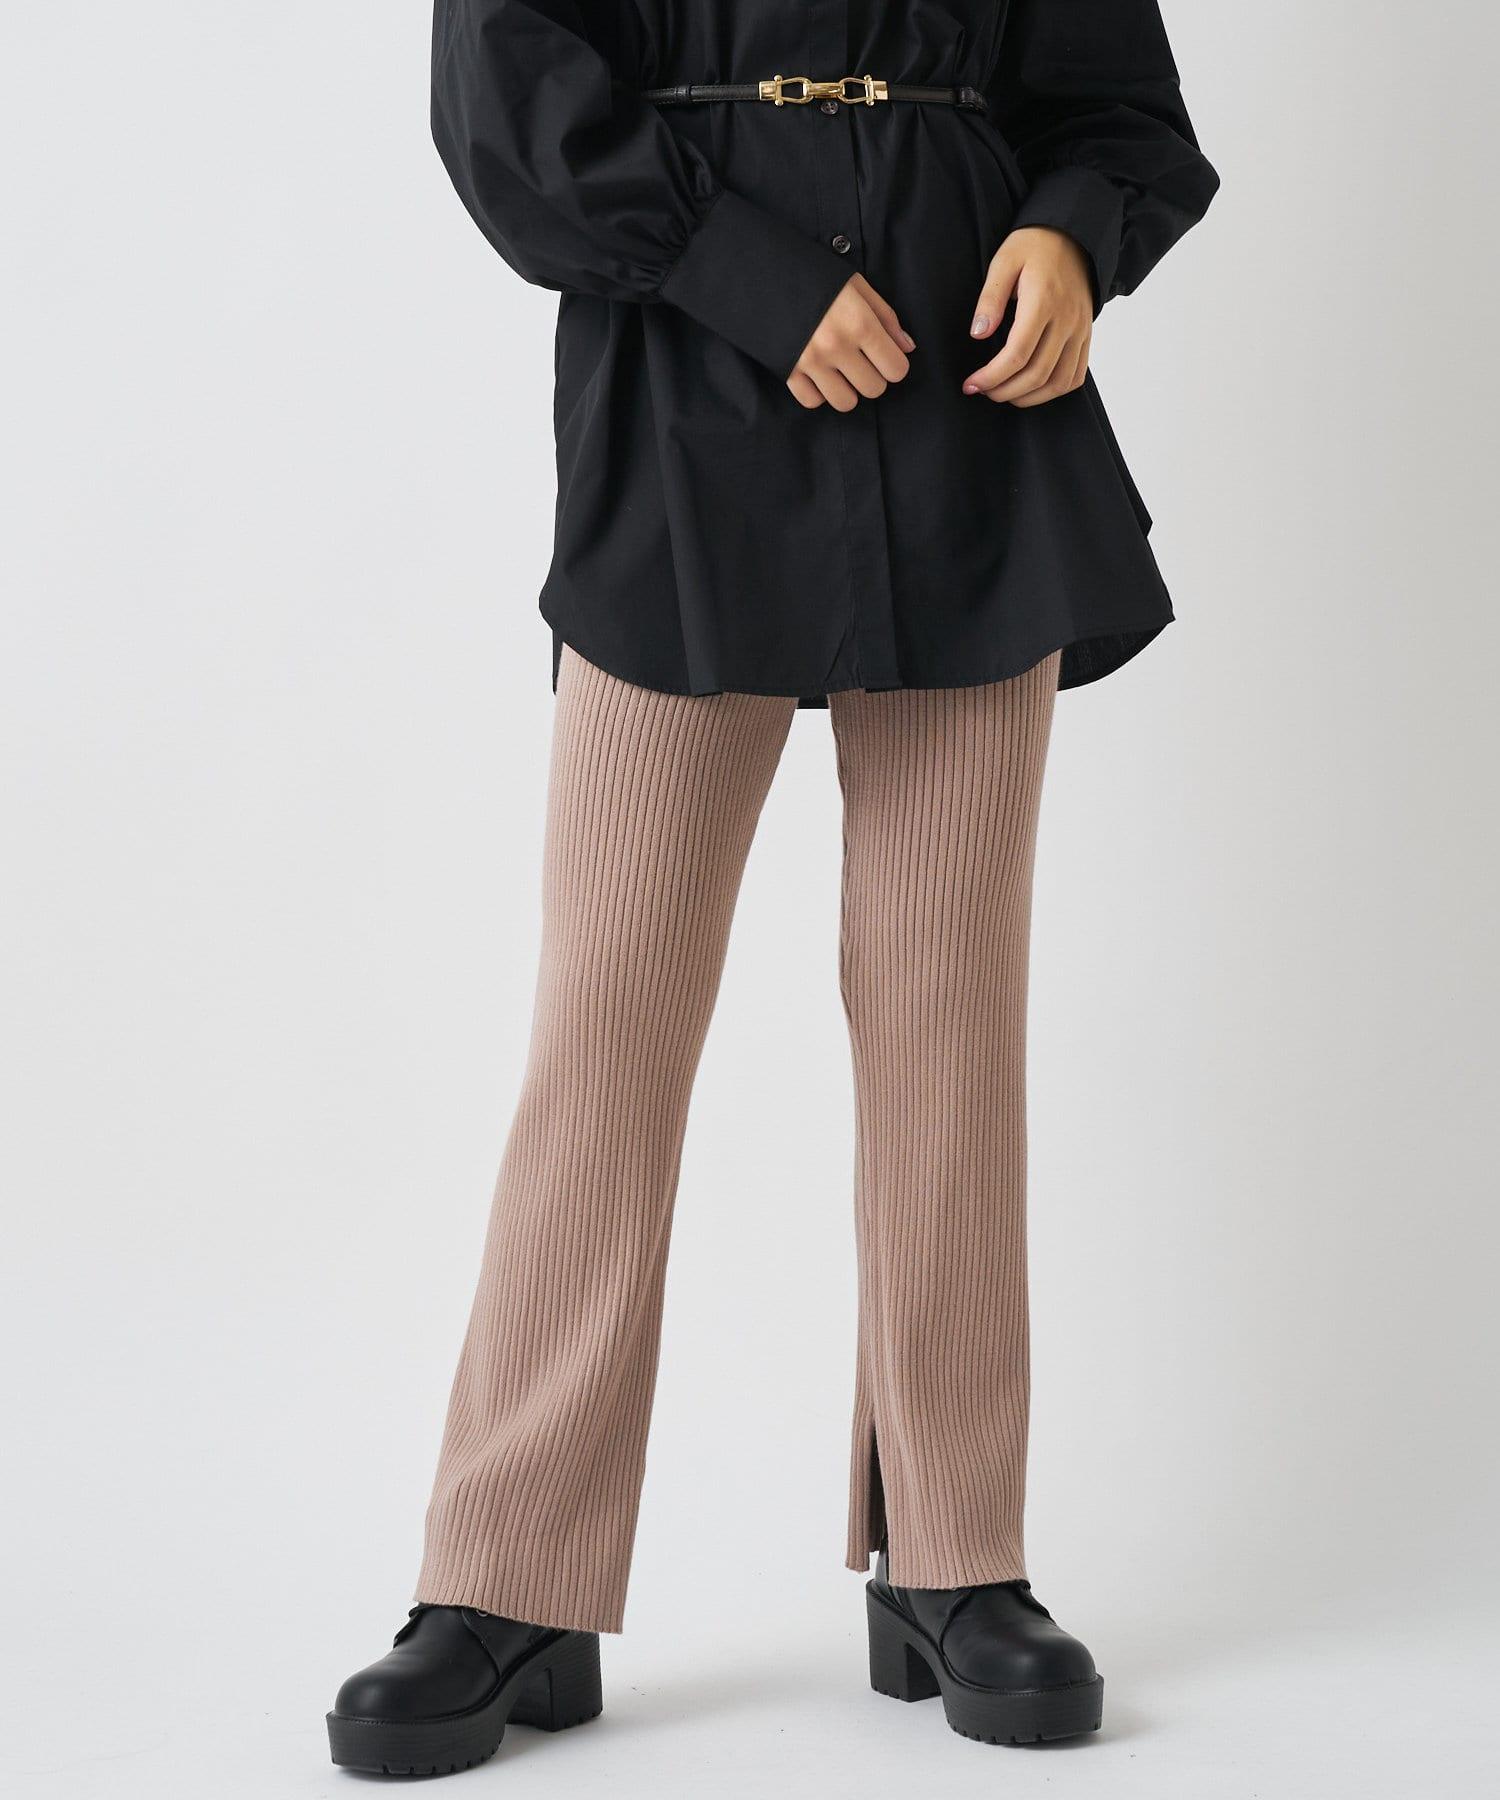 OLIVE des OLIVE OUTLET(オリーブ・デ・オリーブ アウトレット) 【dsf】Knit pants